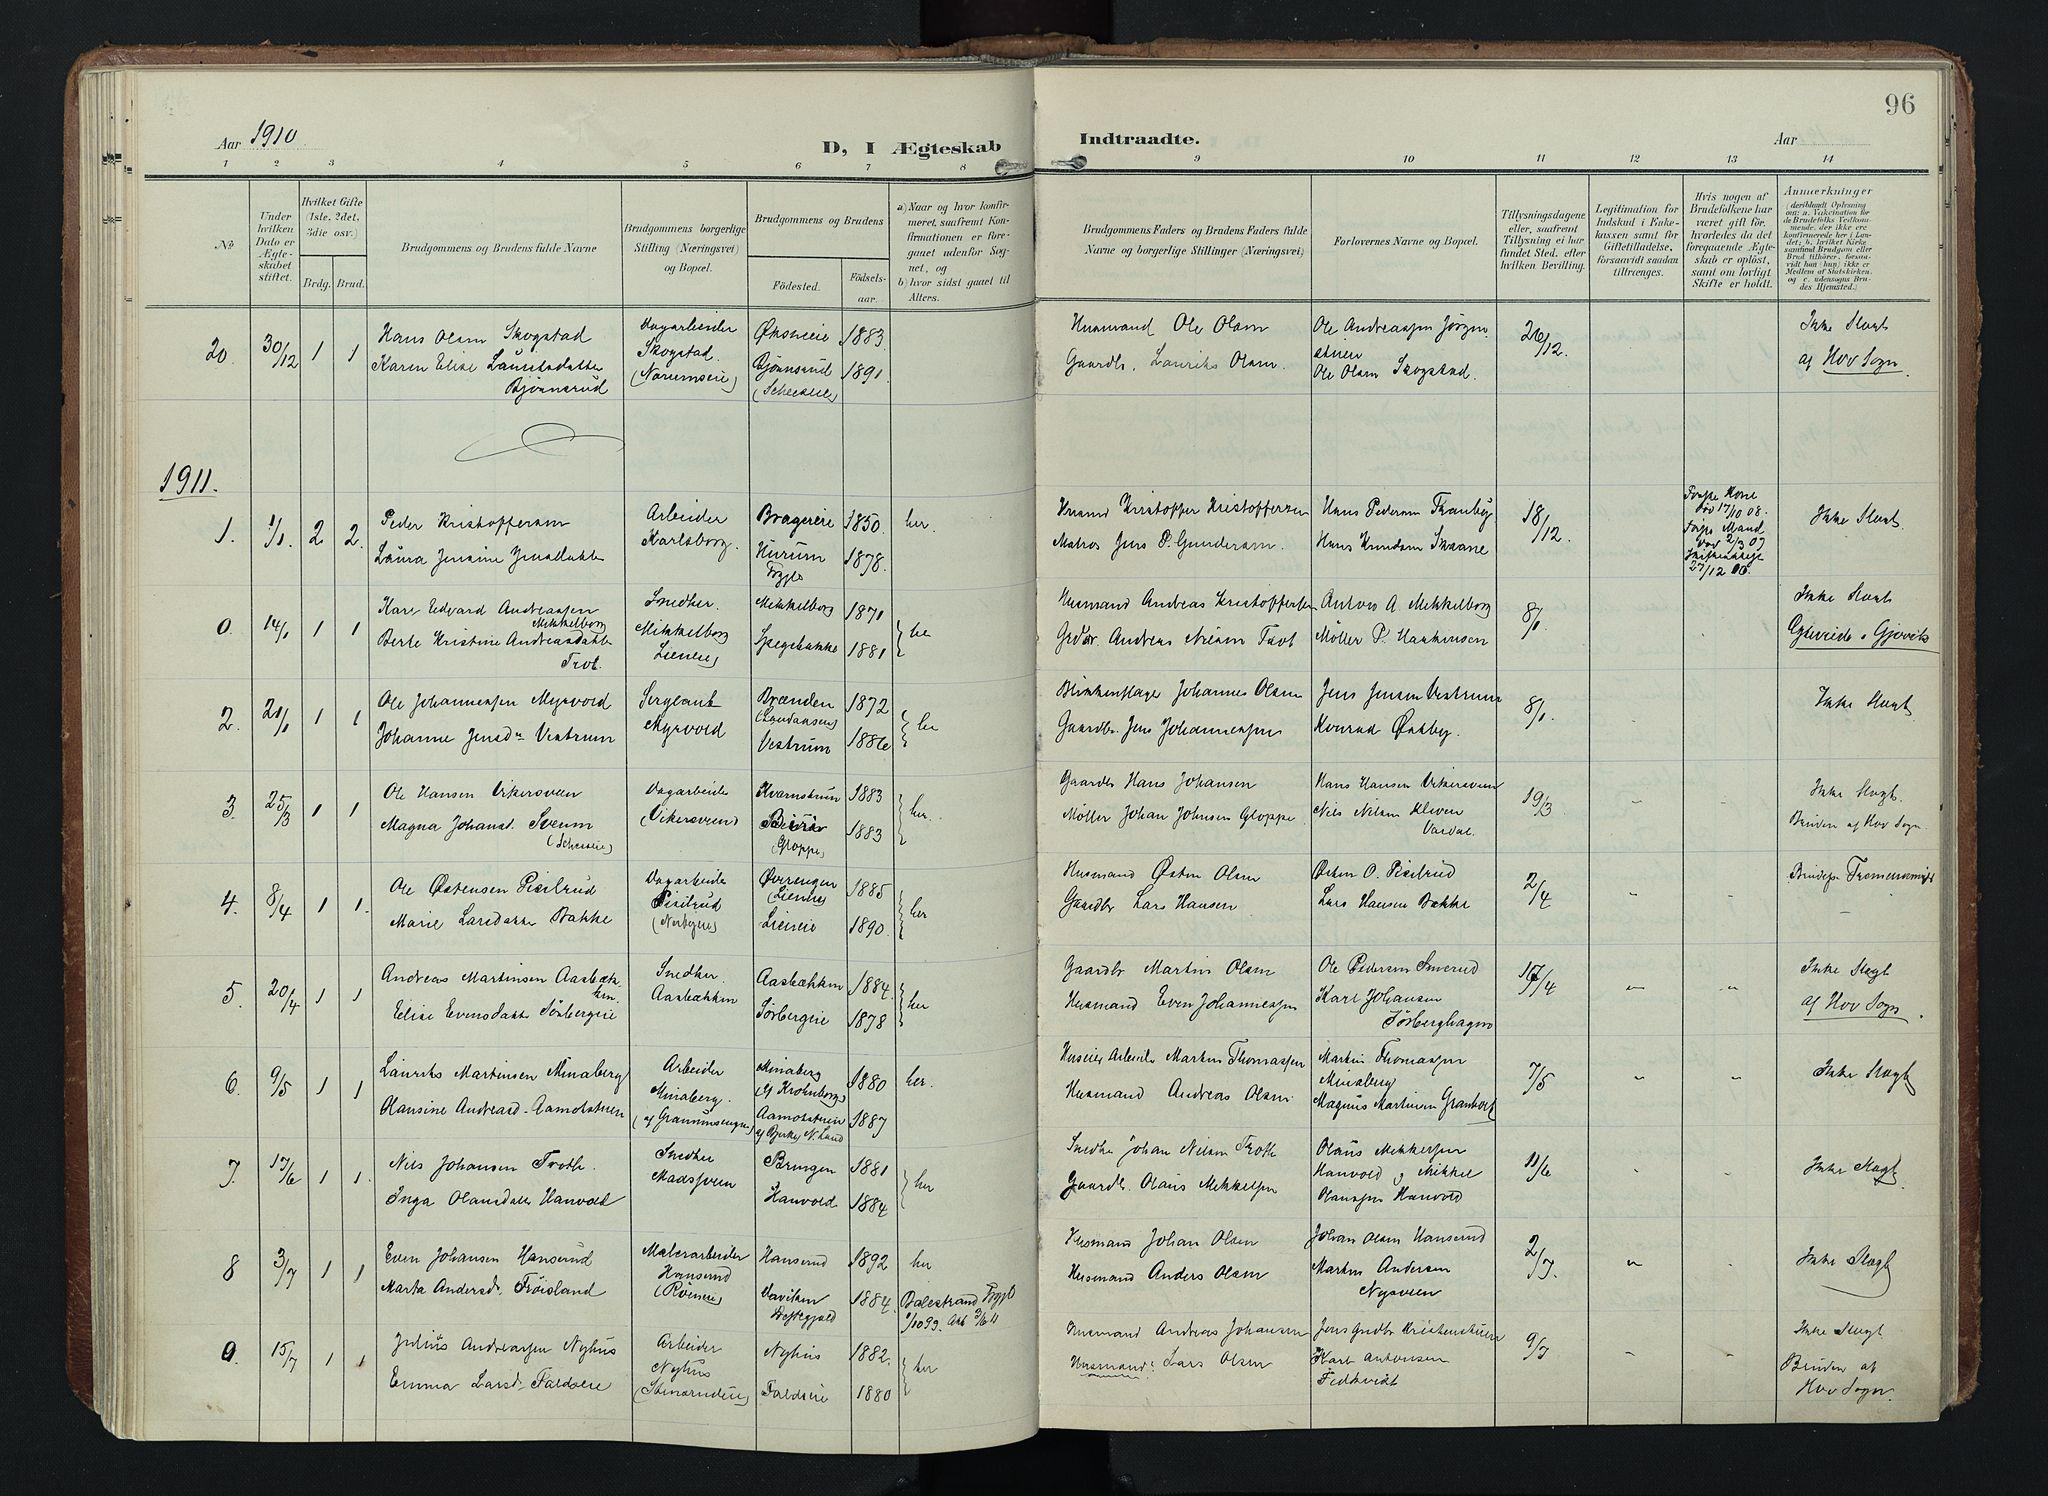 SAH, Søndre Land prestekontor, K/L0005: Ministerialbok nr. 5, 1905-1914, s. 96